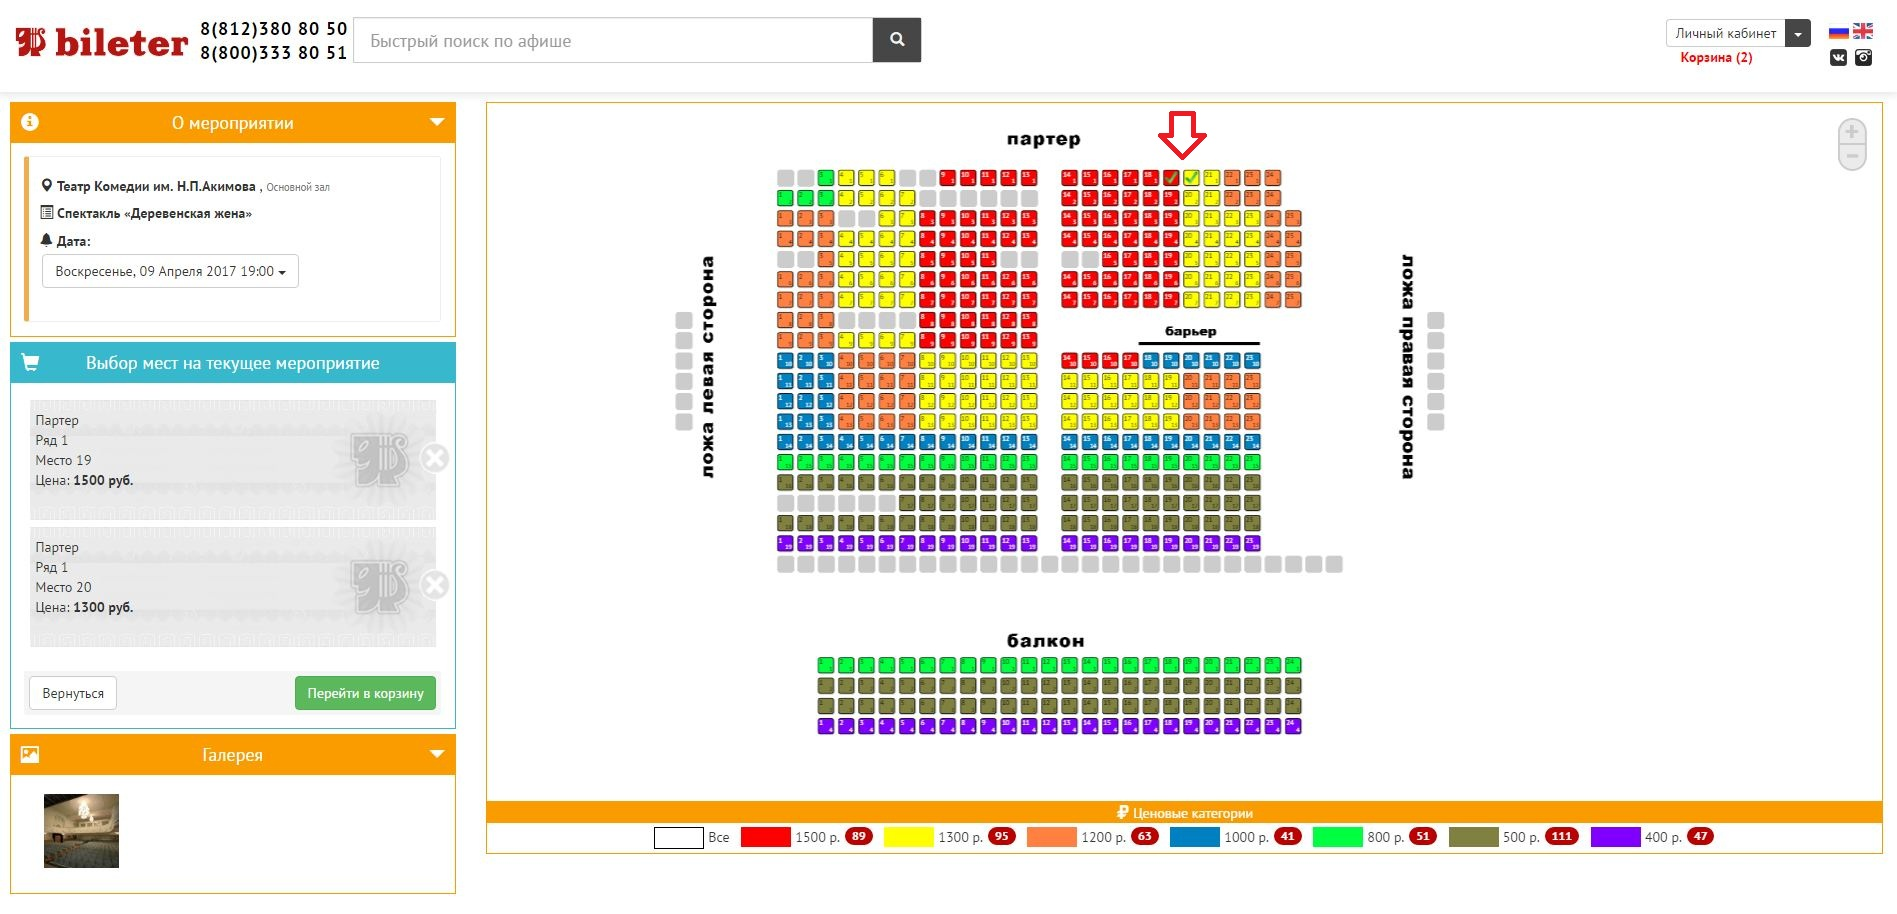 Как сдать билет онлайн в театр музей новостей купить билет